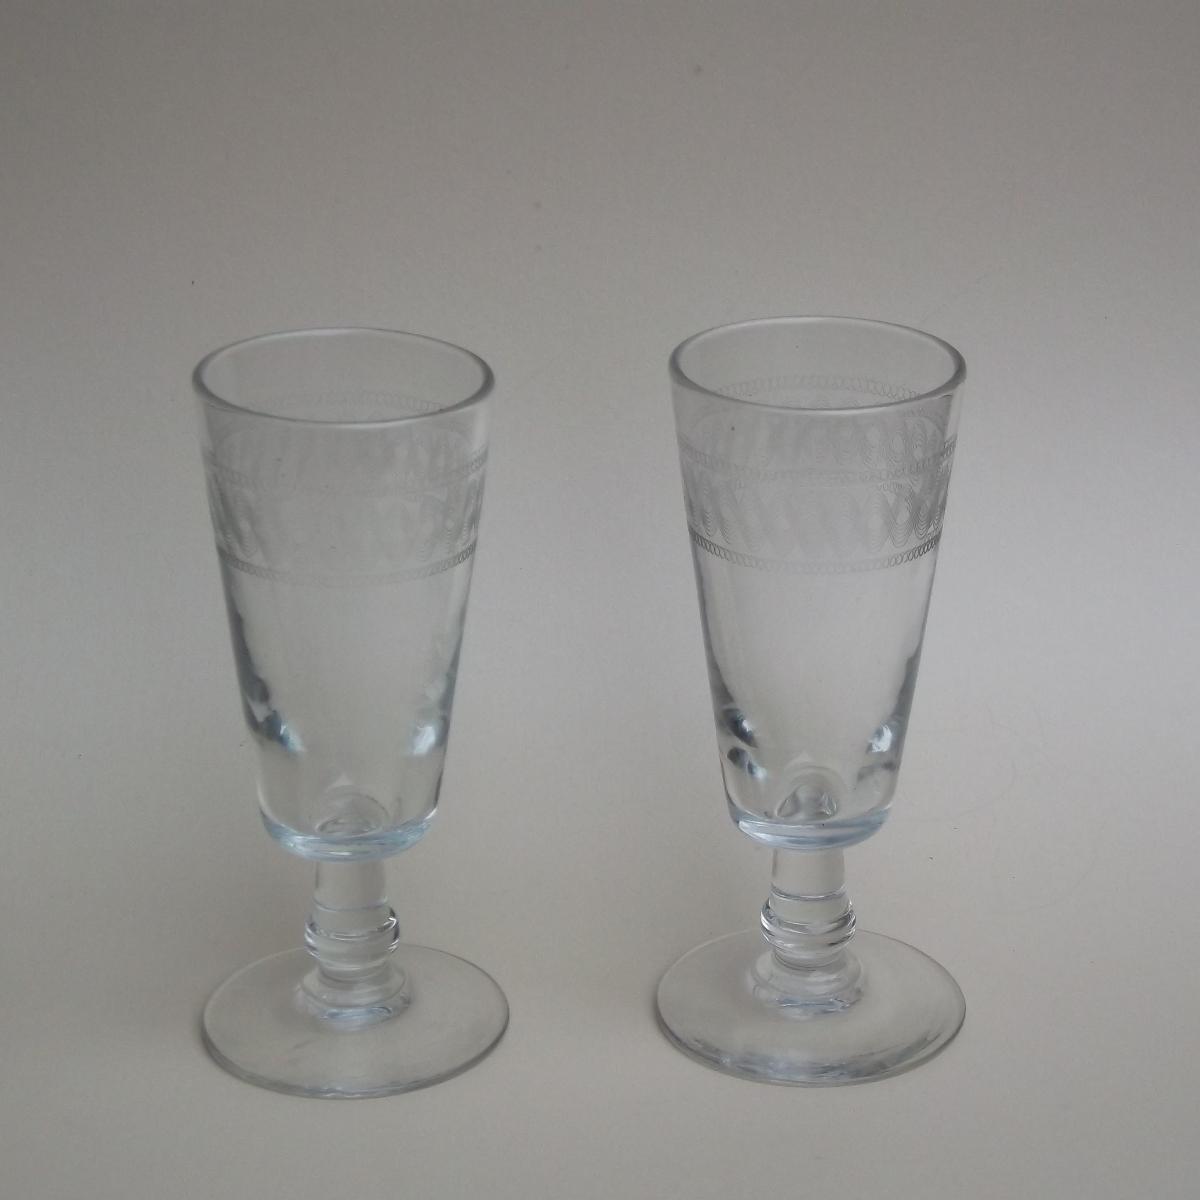 Deux verres a absinthe 1